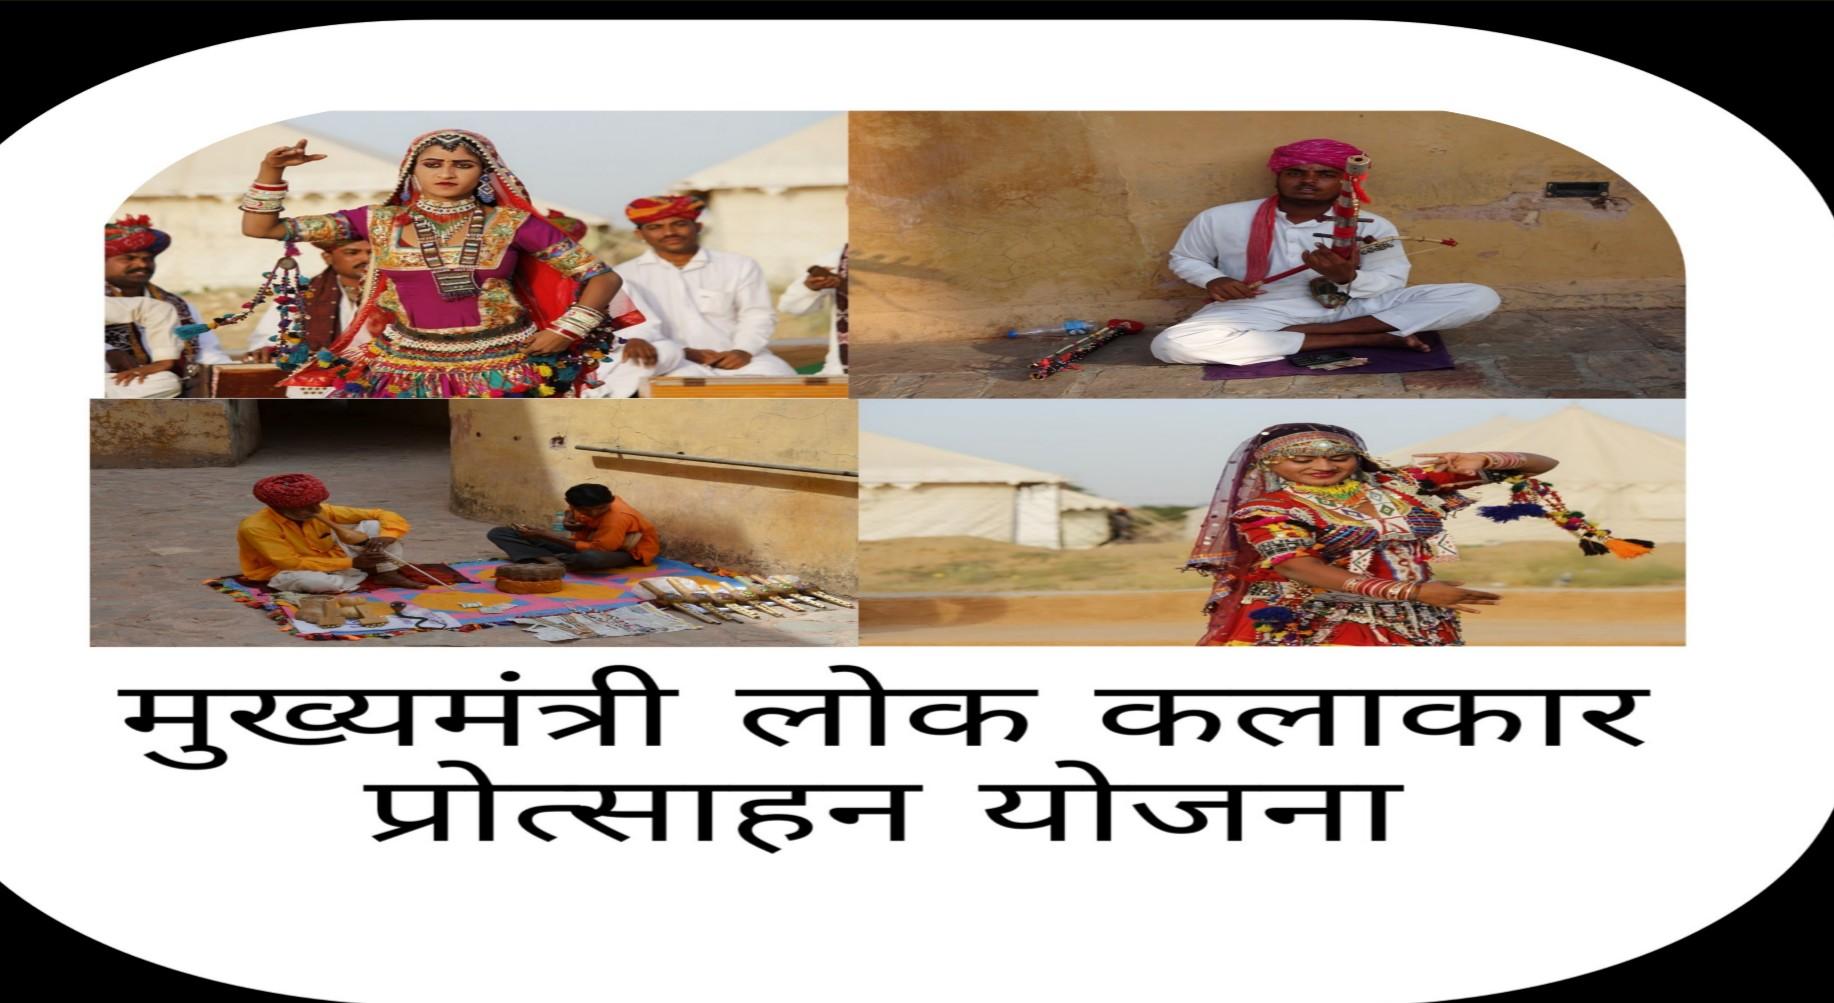 राजस्थान मुख्यमंत्री लोक कलाकार प्रोत्साहन योजना